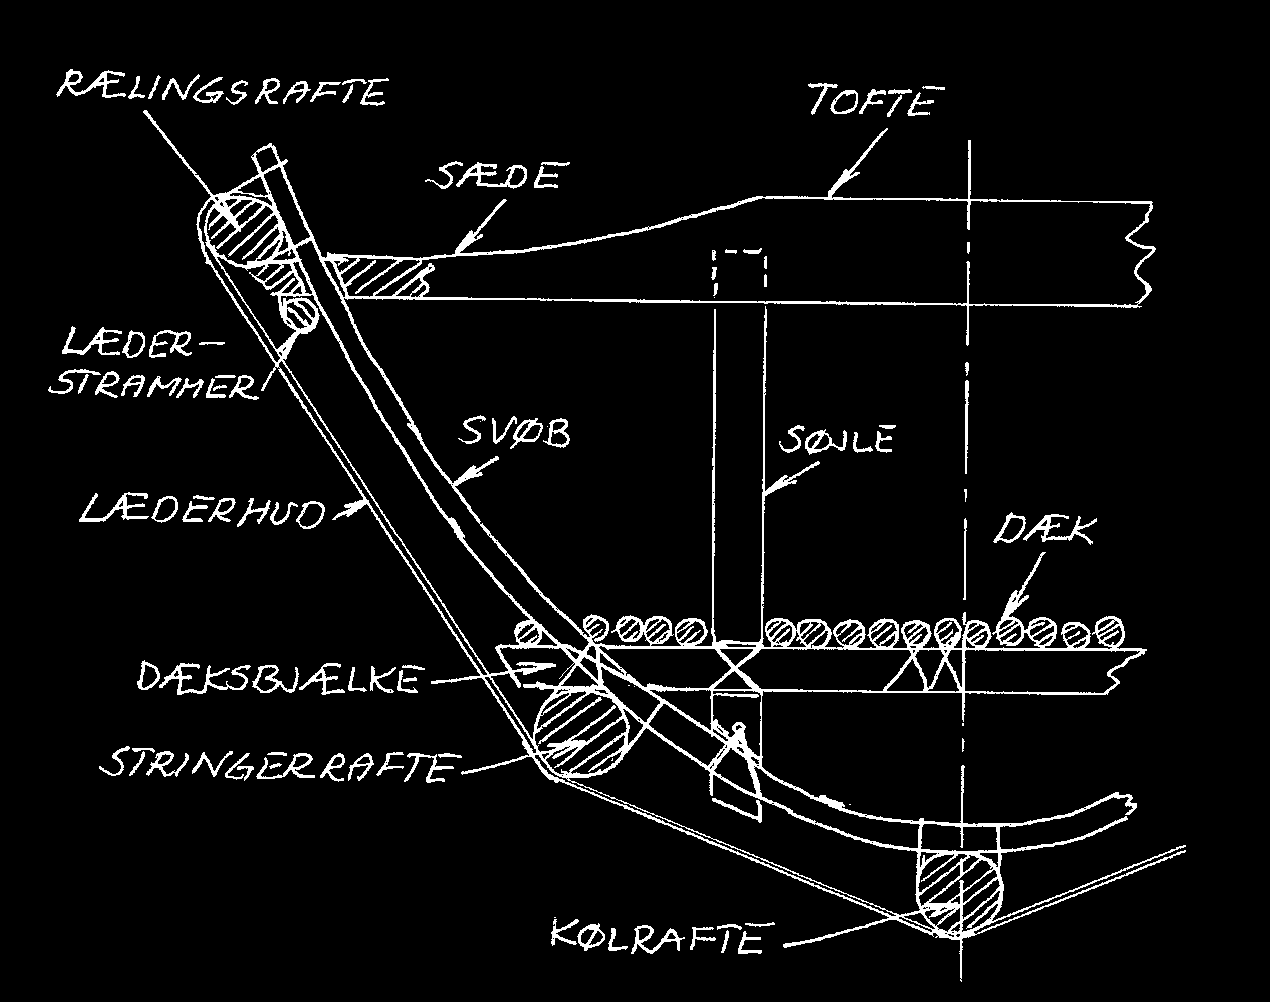 Et tværsnit midtskibs med spantesystemet indtegnet.